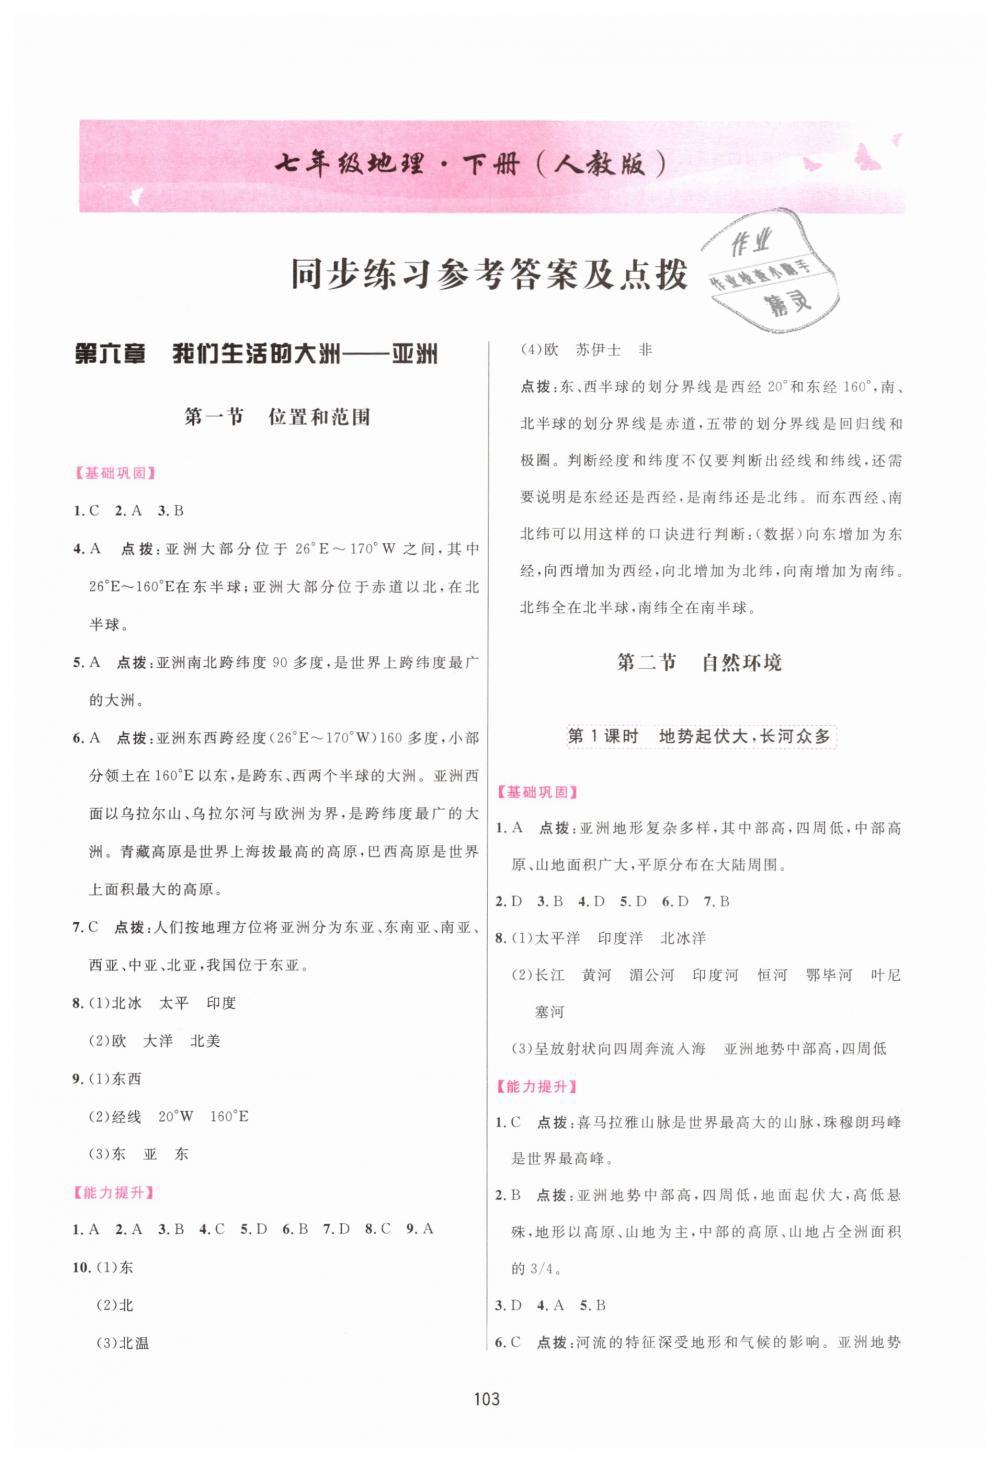 2019年三维数字课堂七年级地理下册人教版第1页